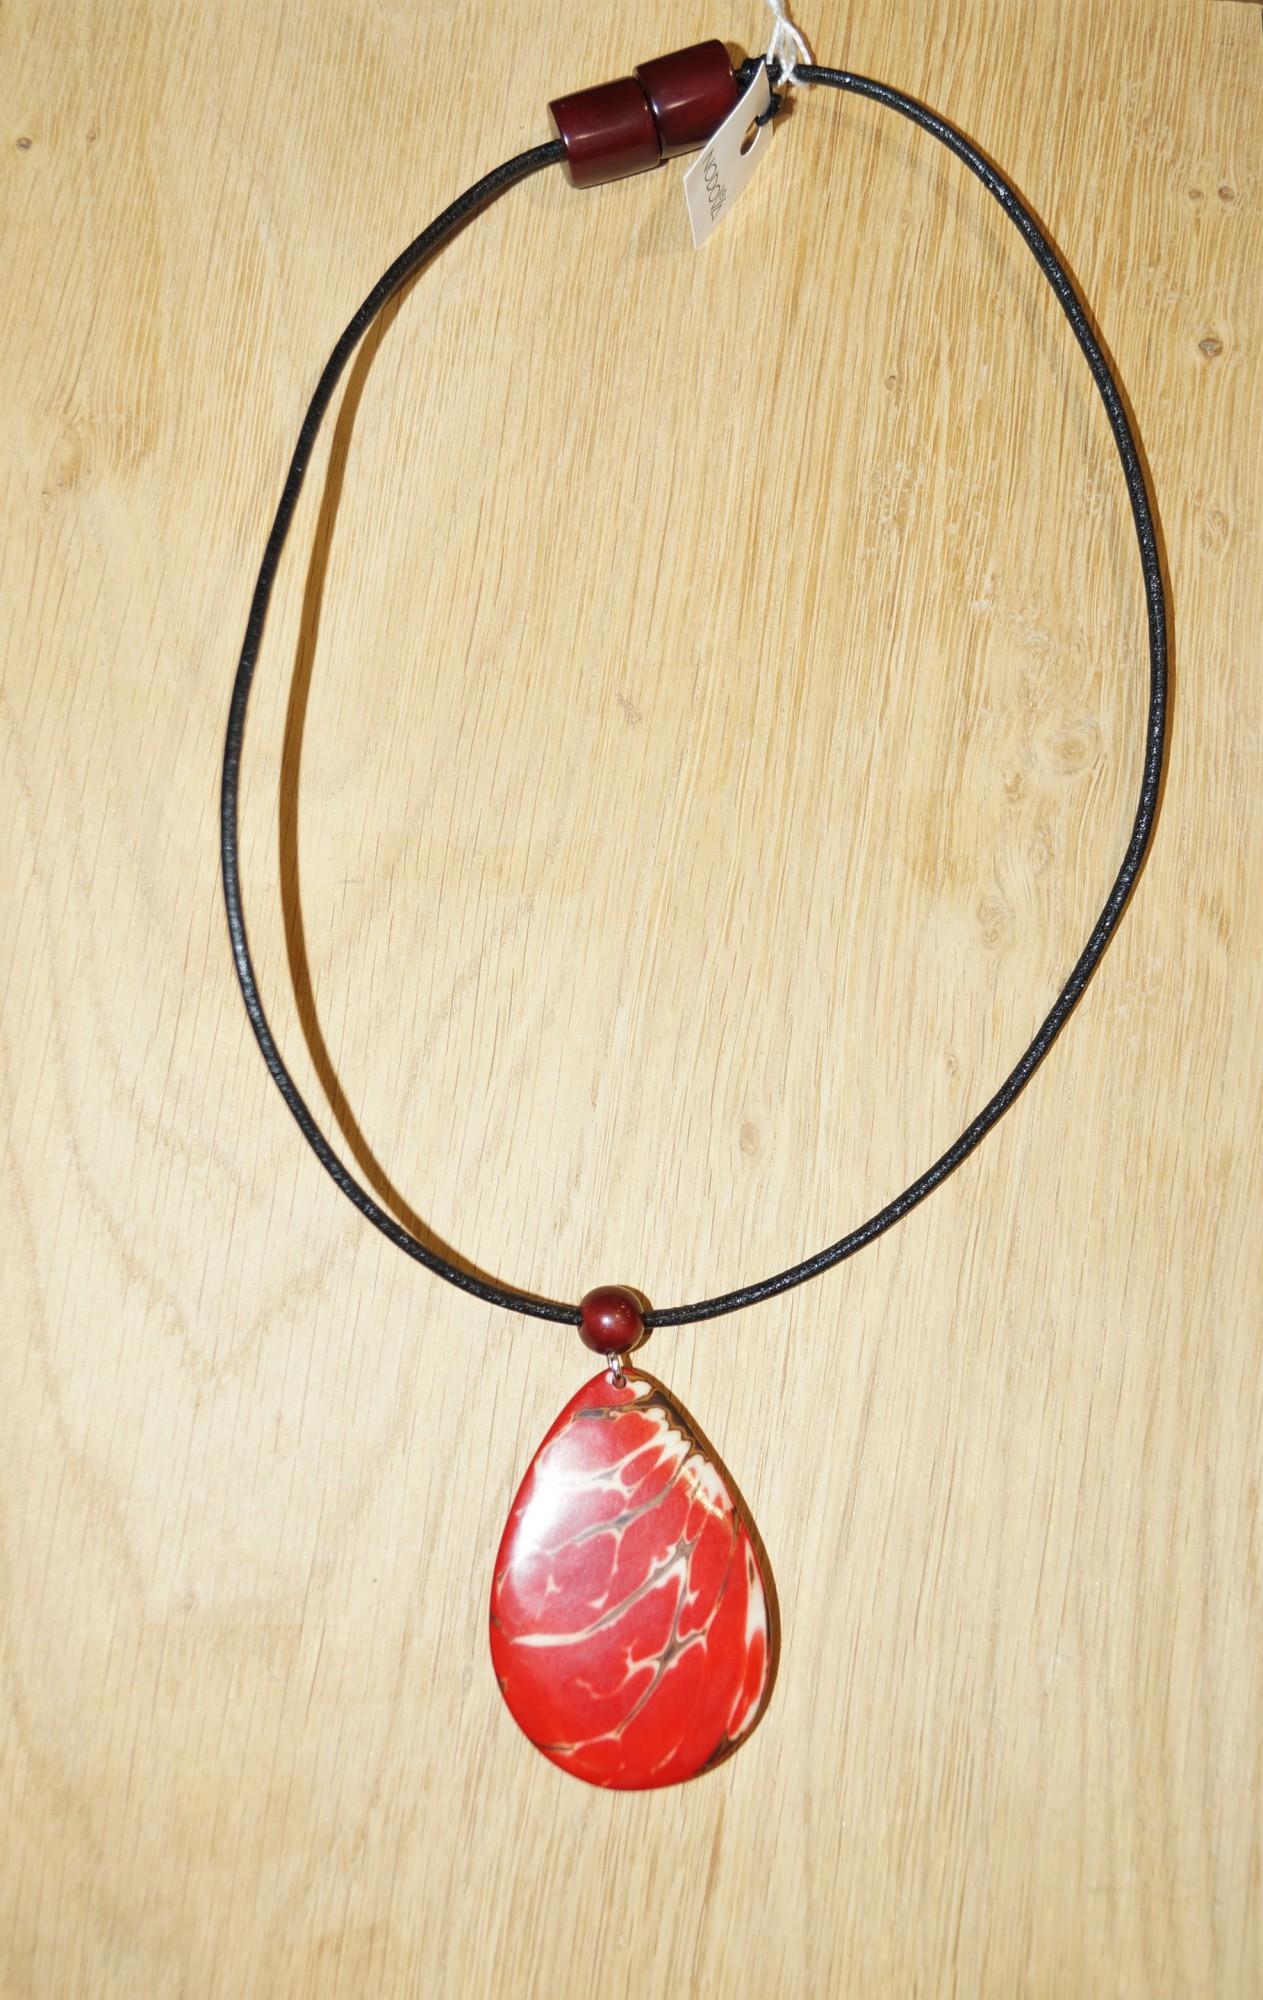 Collier Novoda en ivoire végétal, Niobe rouge